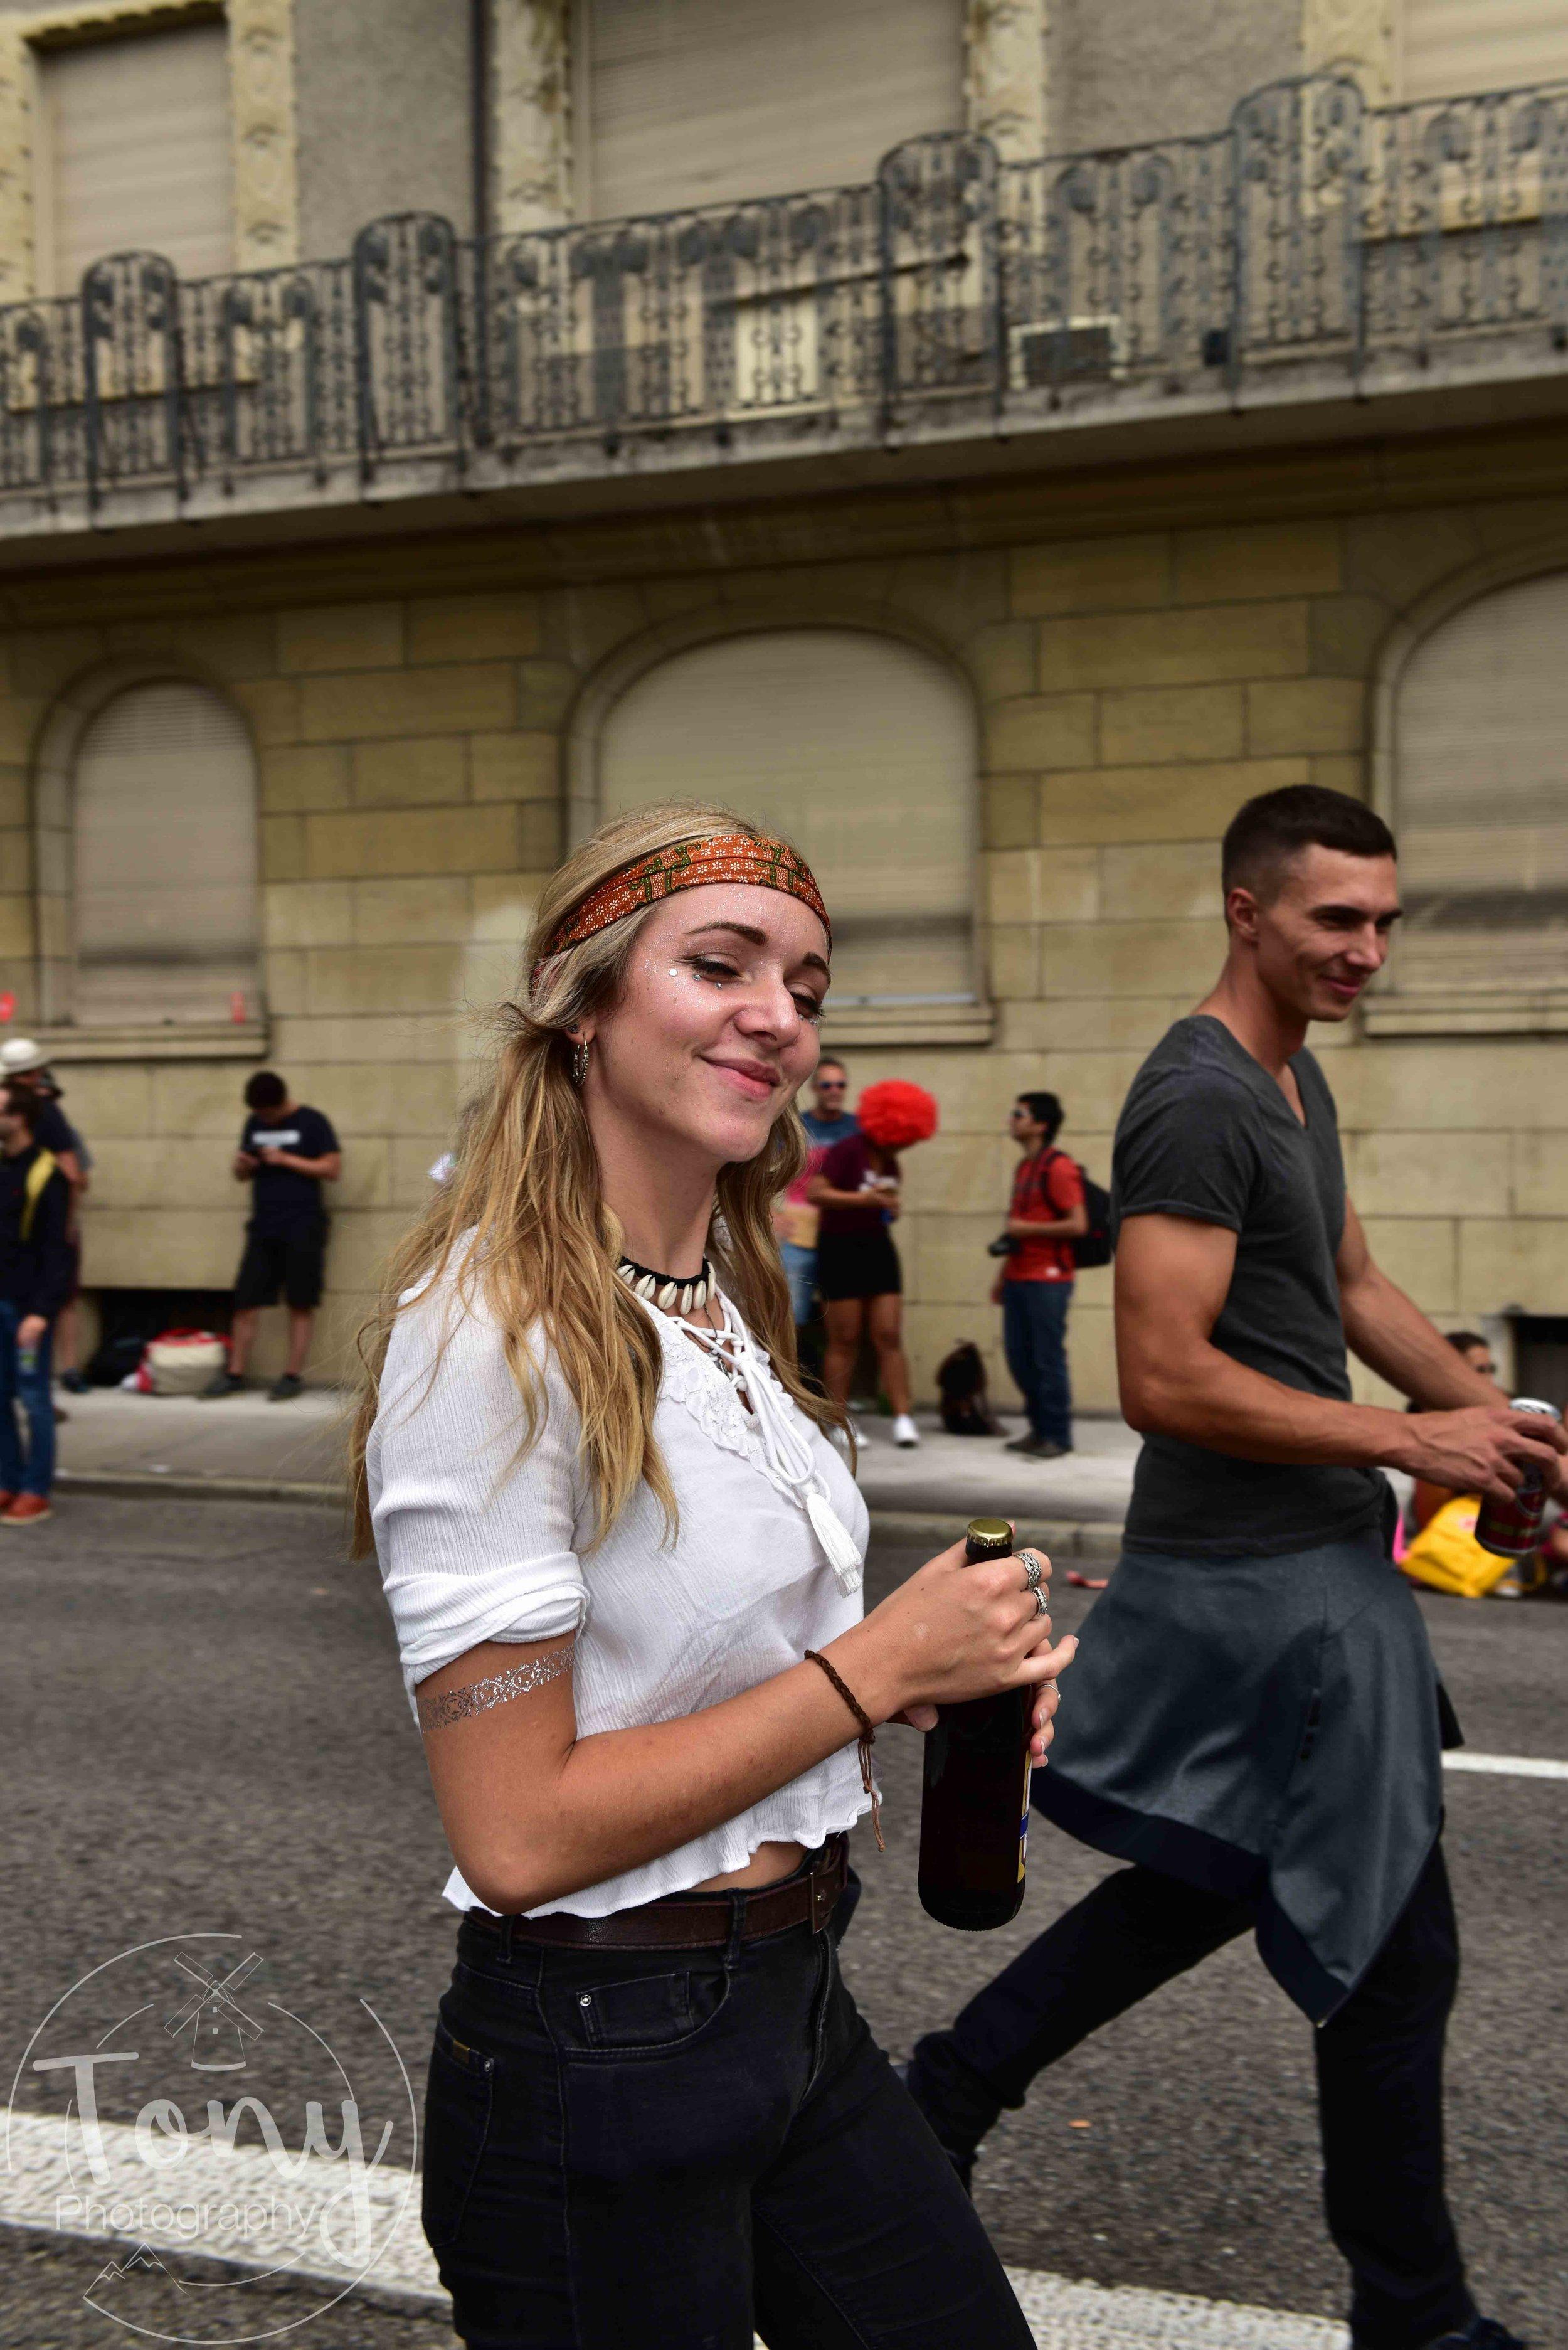 streetparade-48.jpg